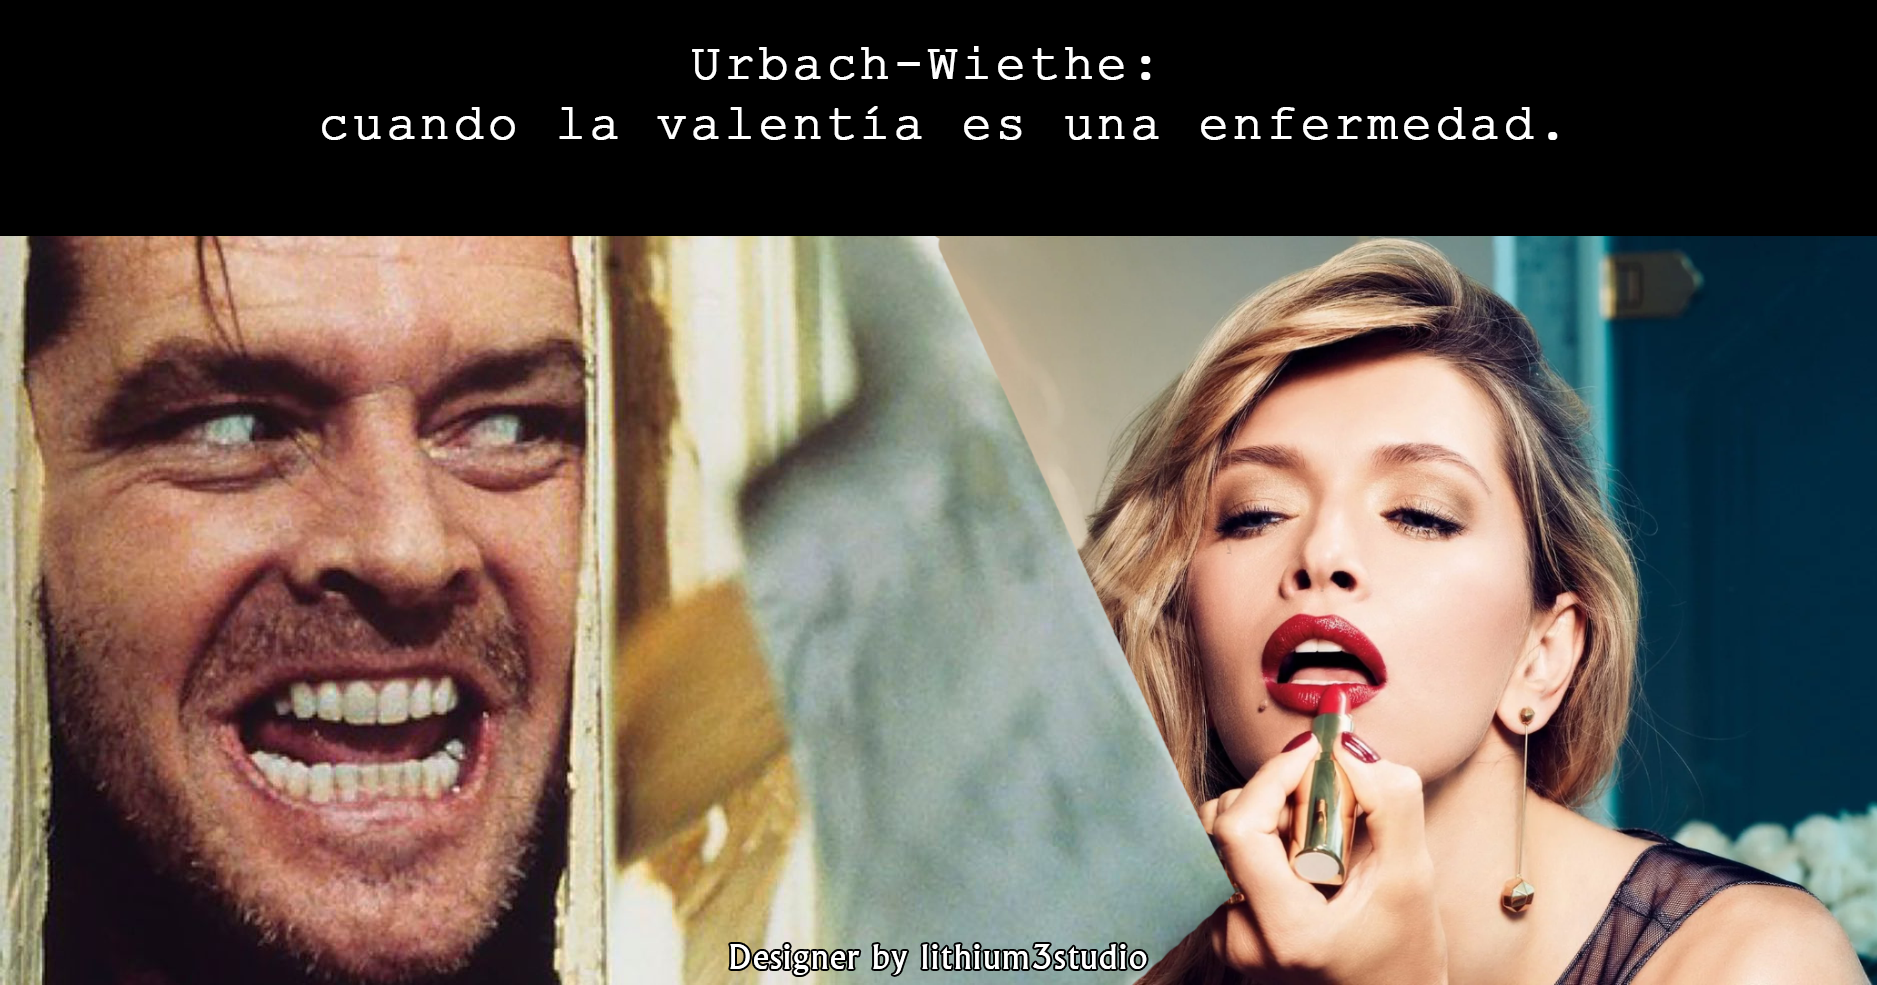 Urbach-Wiethe